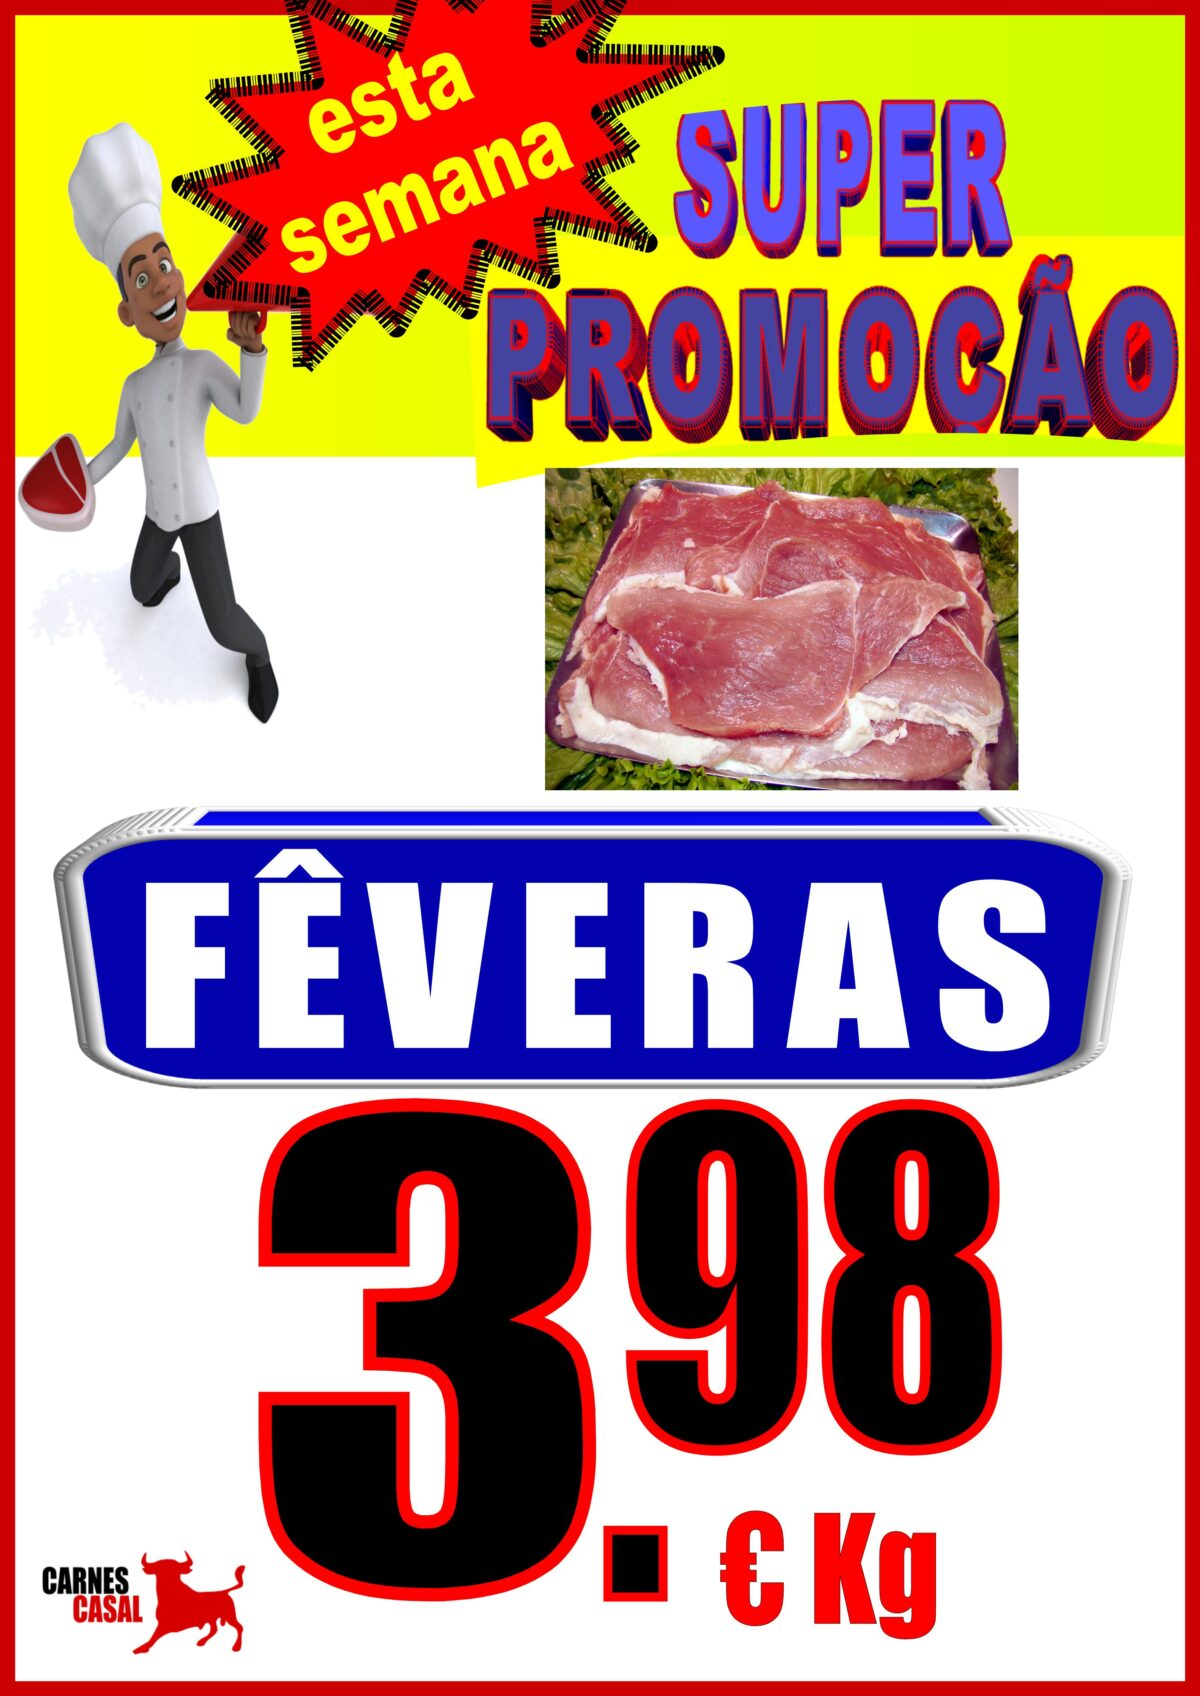 Feveras